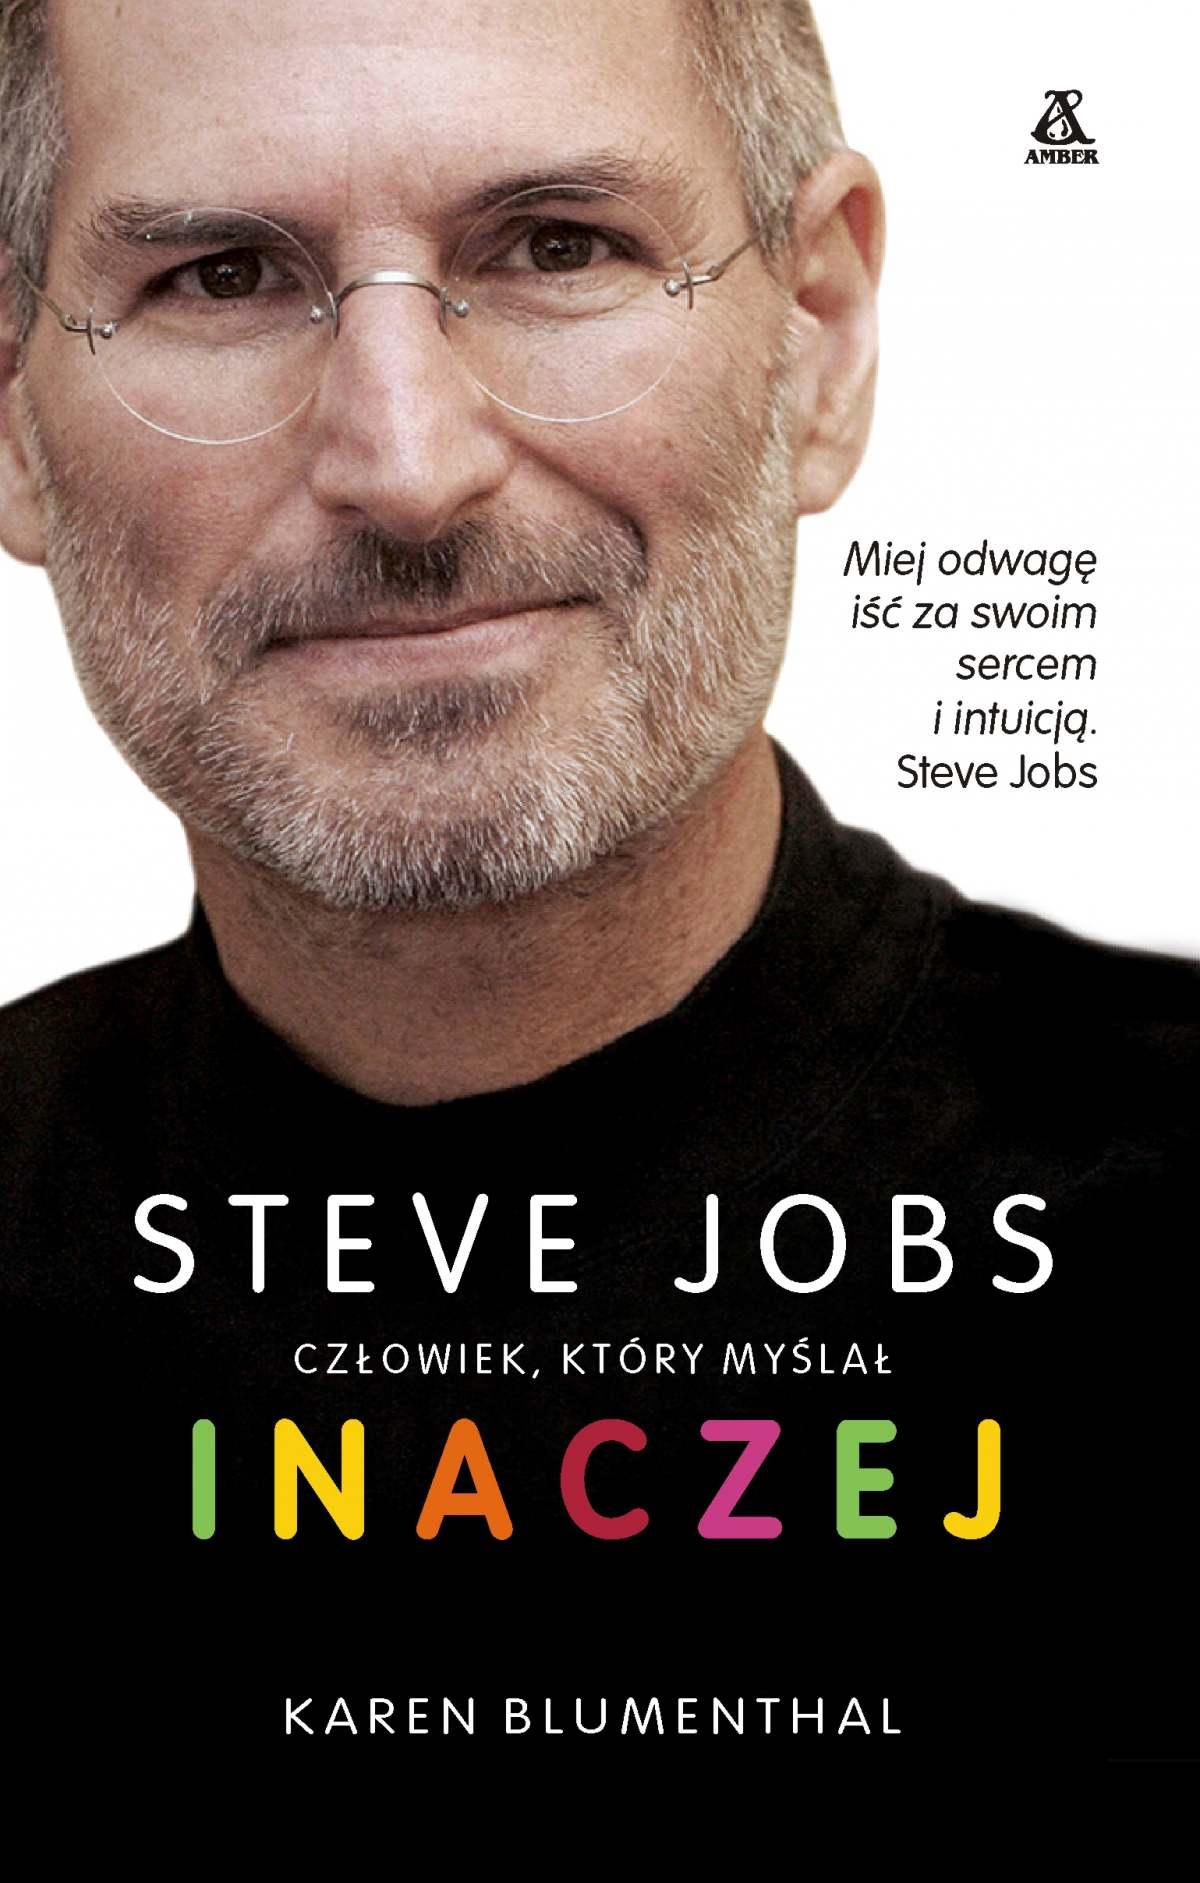 Steve Jobs, człowiek, który myślał inaczej - Ebook (Książka EPUB) do pobrania w formacie EPUB